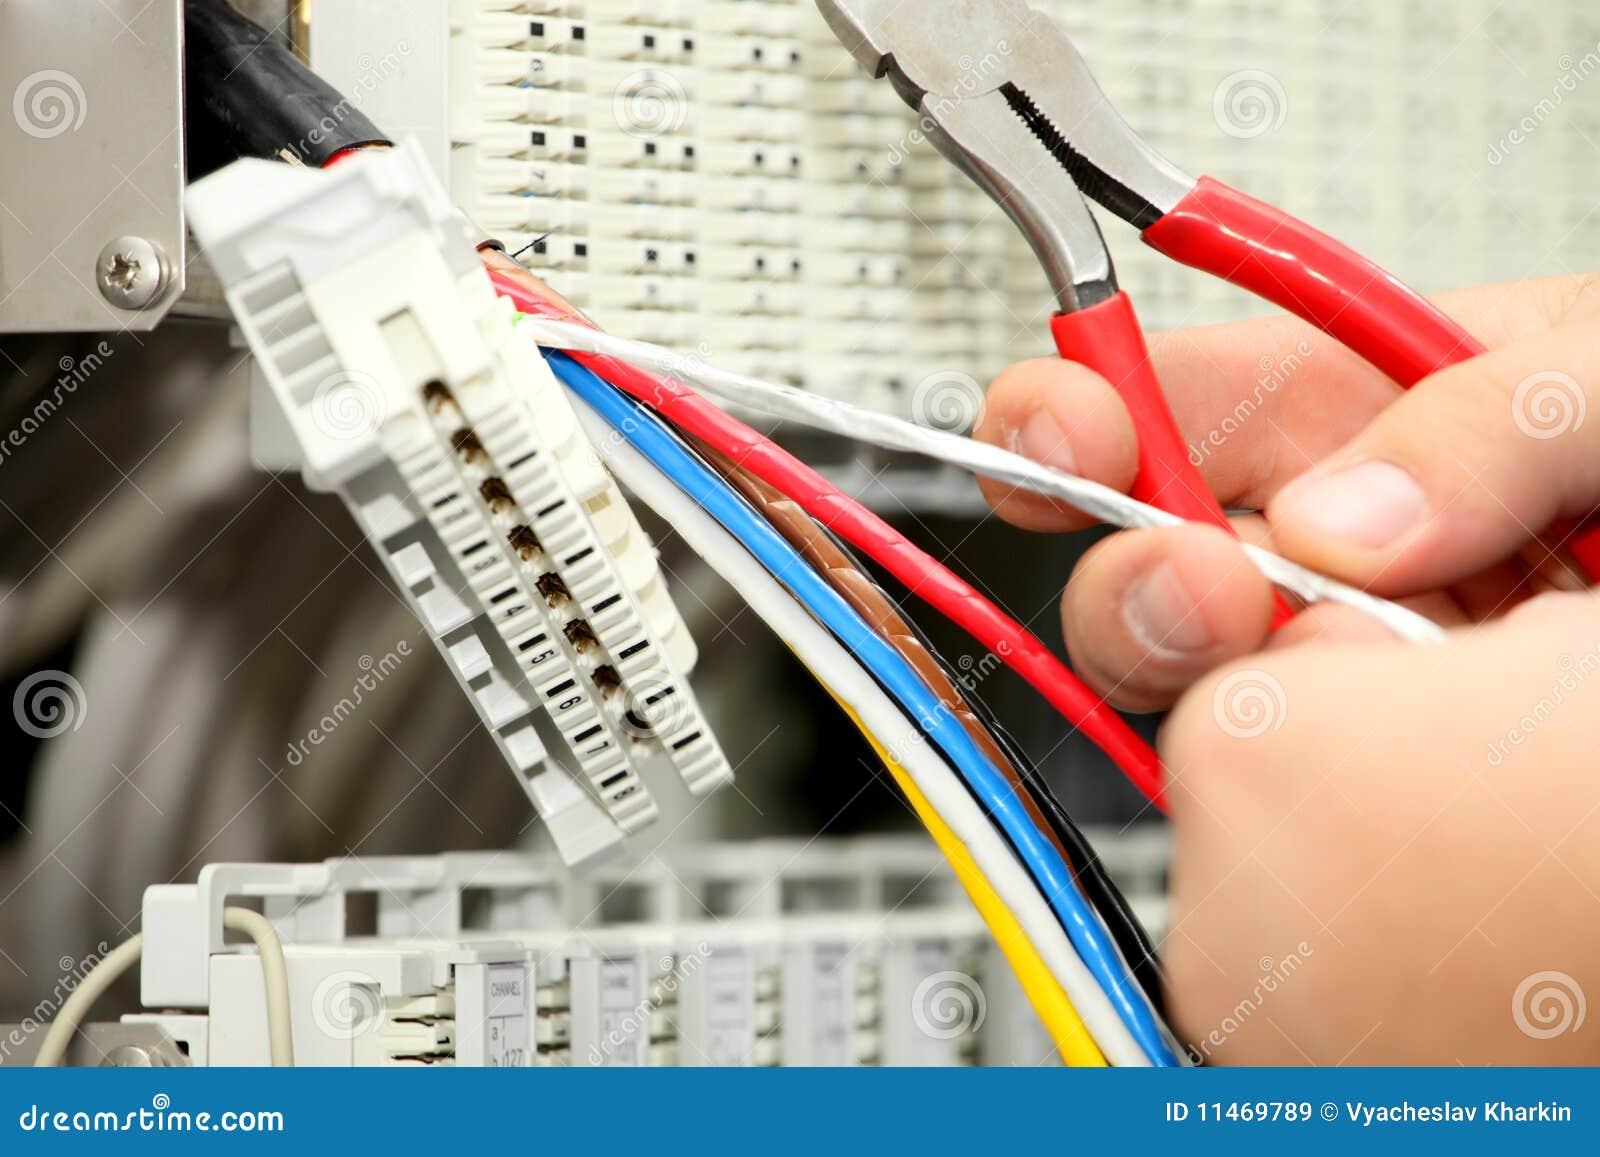 Installatie een kabel van mededeling